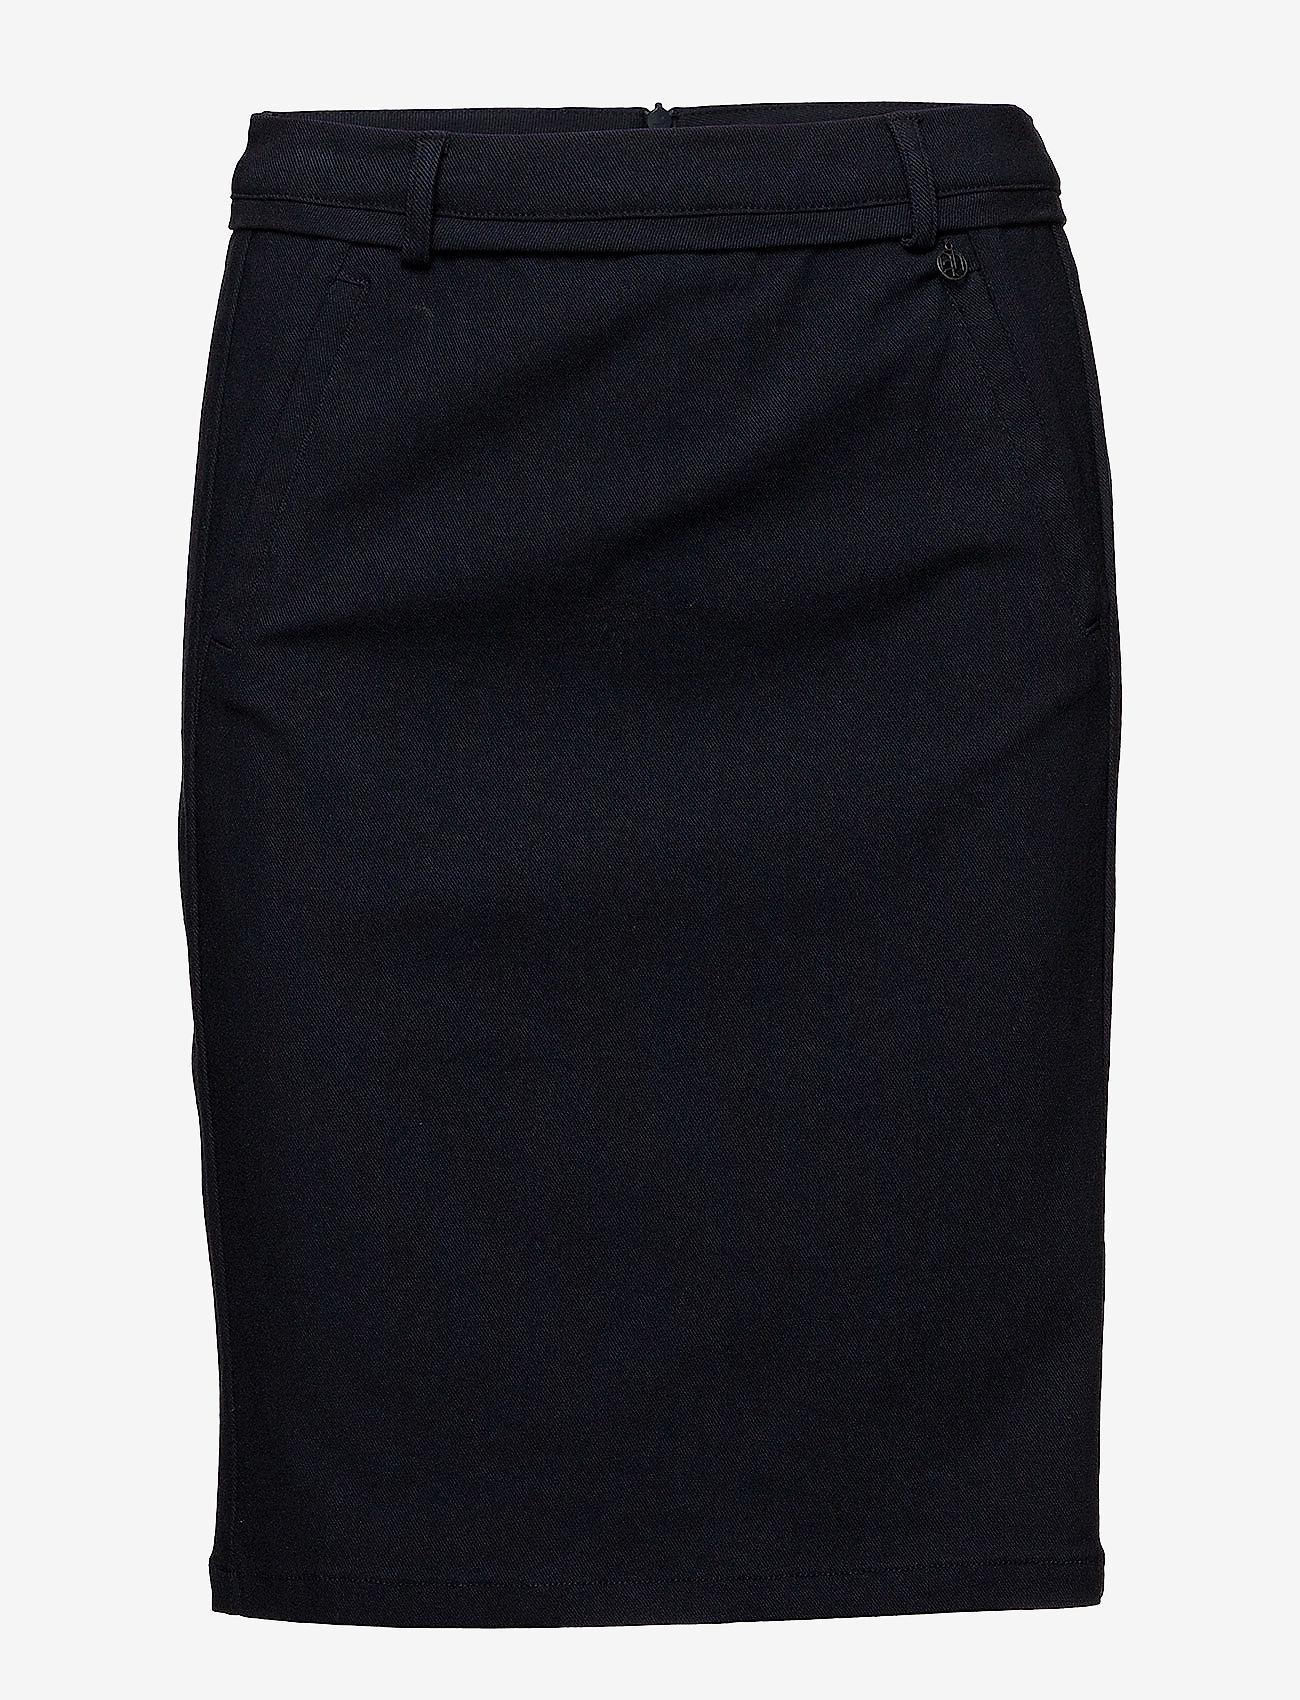 Minus - Carma skirt - midinederdele - black iris - 0